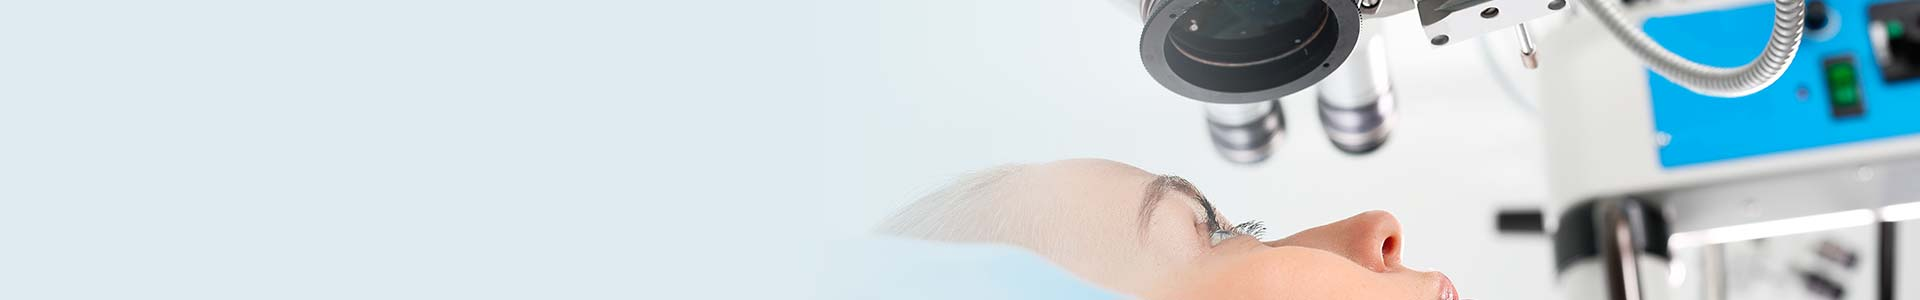 meca centro óptico: topografía corneal